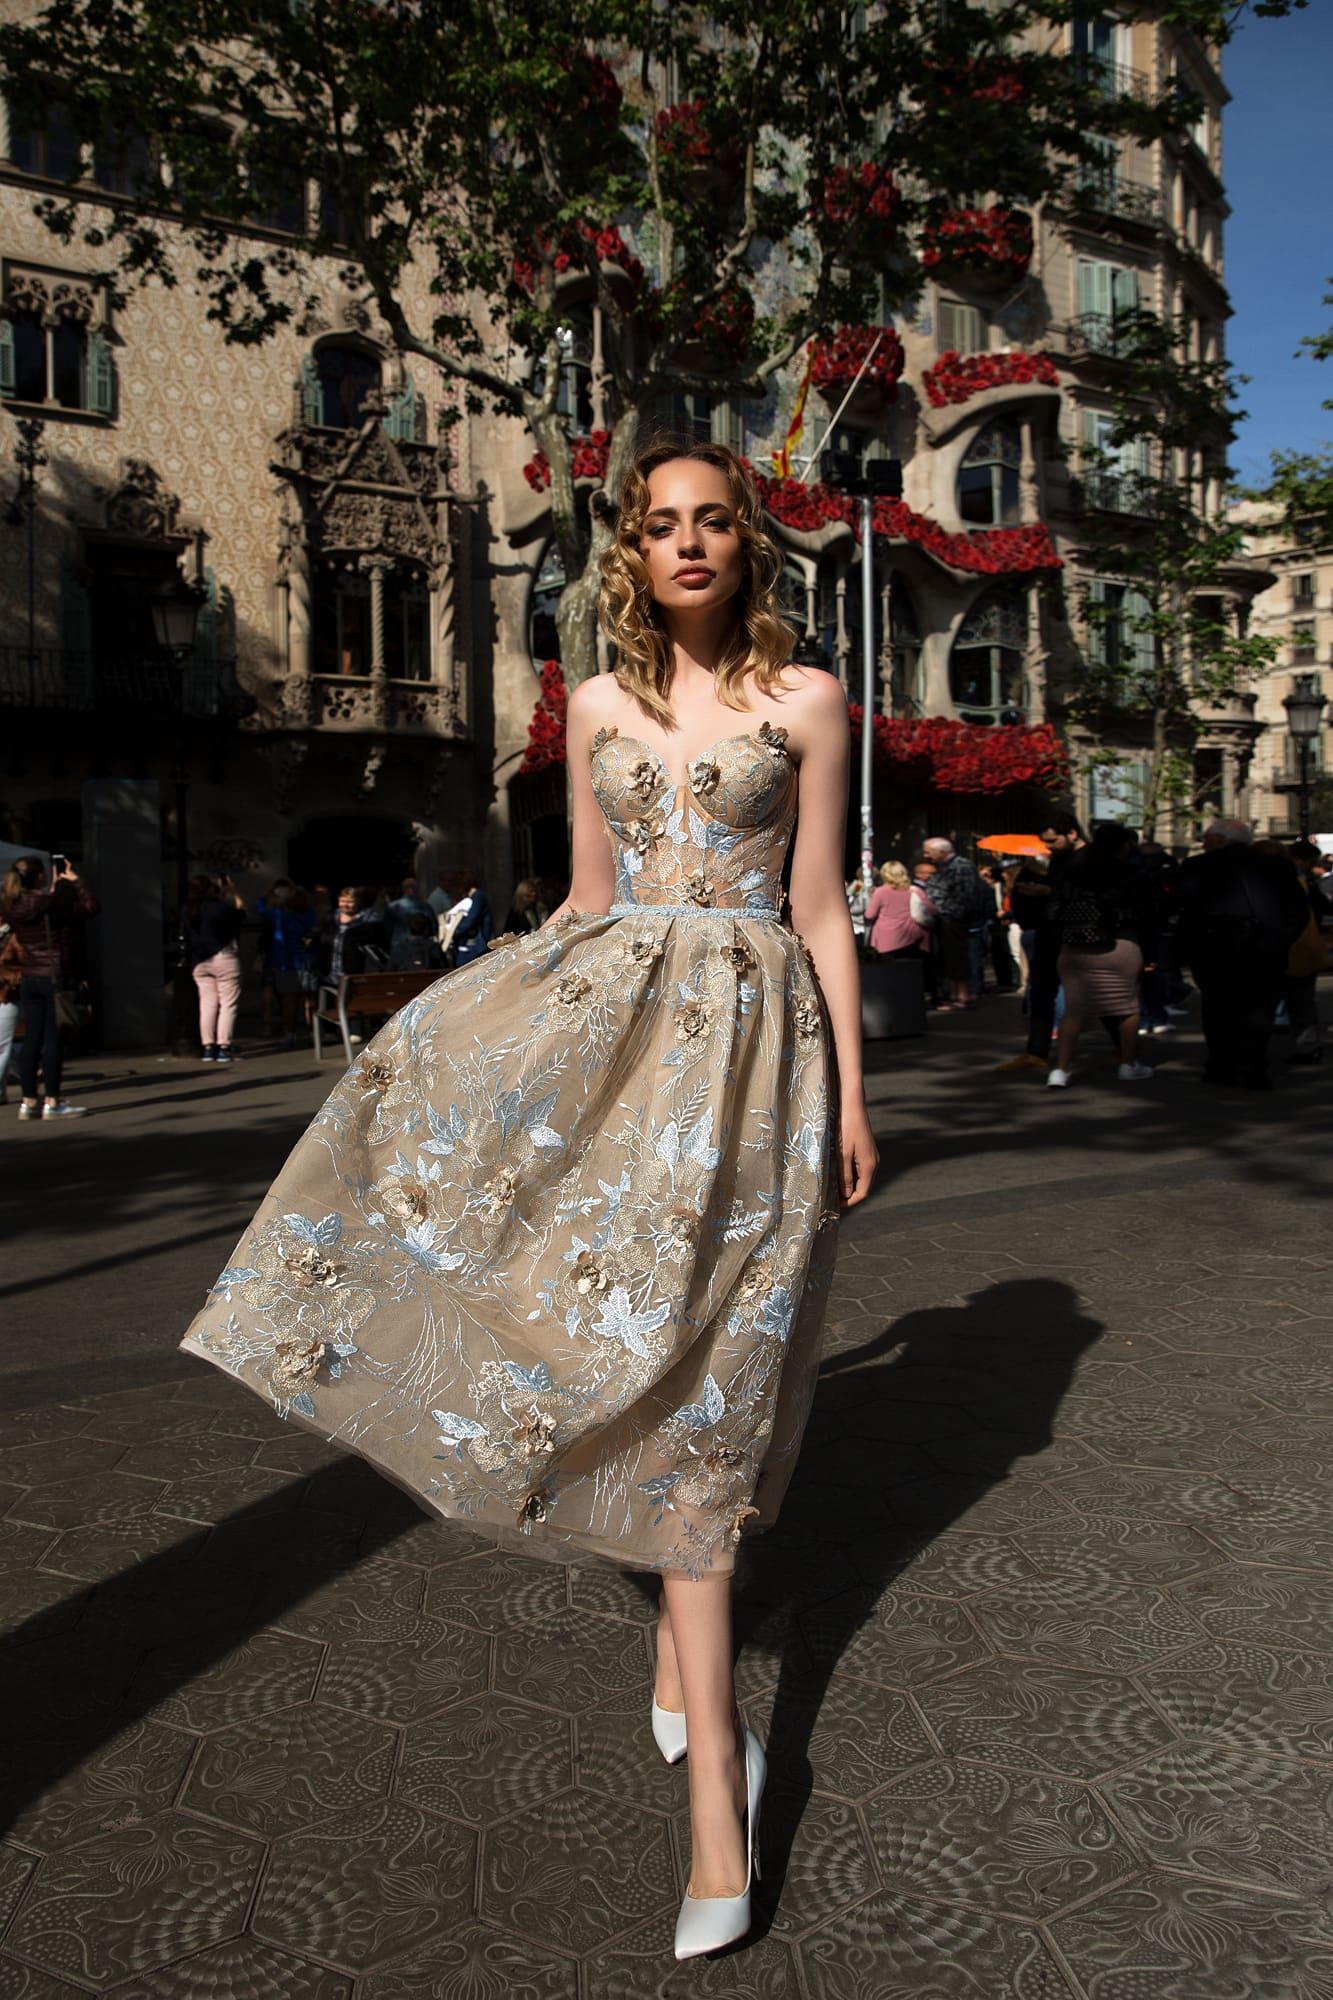 5c895176d2f Бежевое вечернее платье с открытым лифом и эффектной пышной юбкой длины миди  с кружевом.